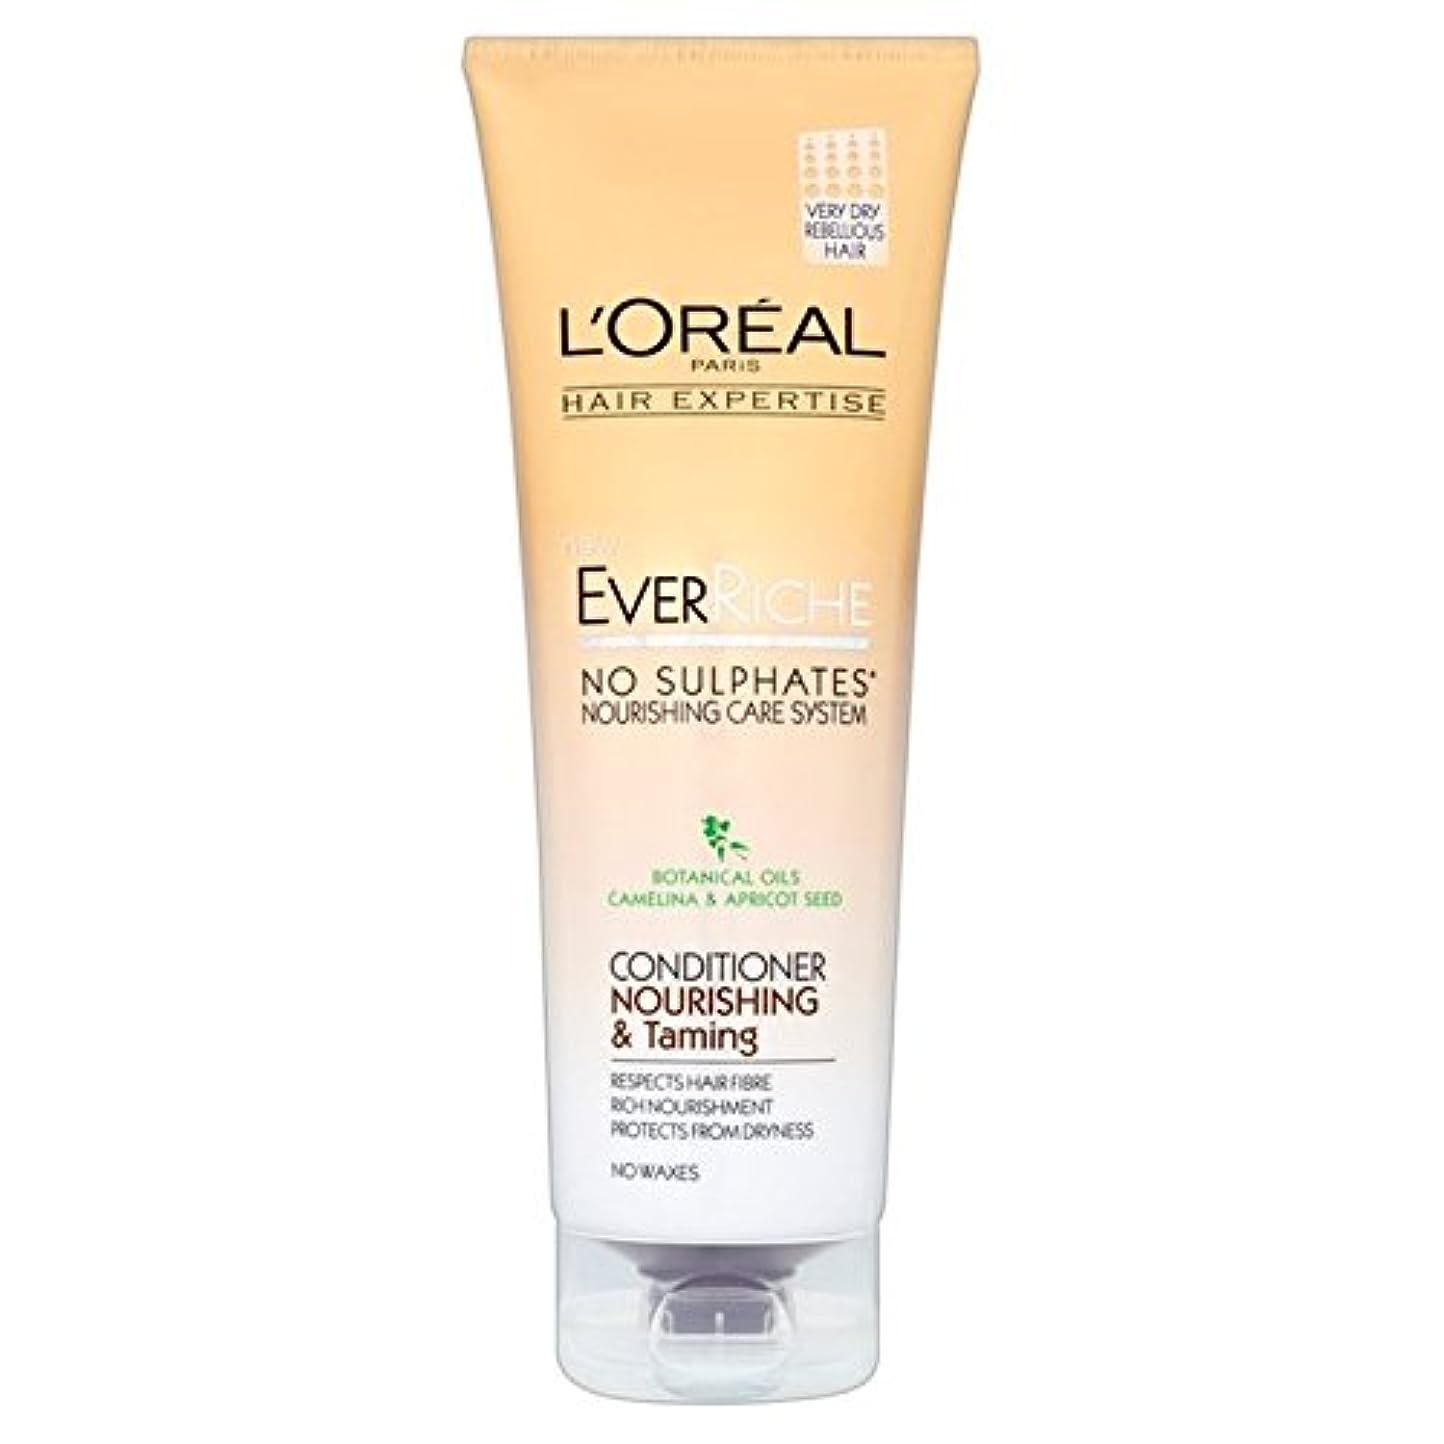 所持ジャズロックロレアルの髪の専門知識、これまでリッシュコンディショナーヌール&調教250ミリリットル x4 - L'Oreal Hair Expertise Ever Riche Conditioner Nour & Taming 250ml...